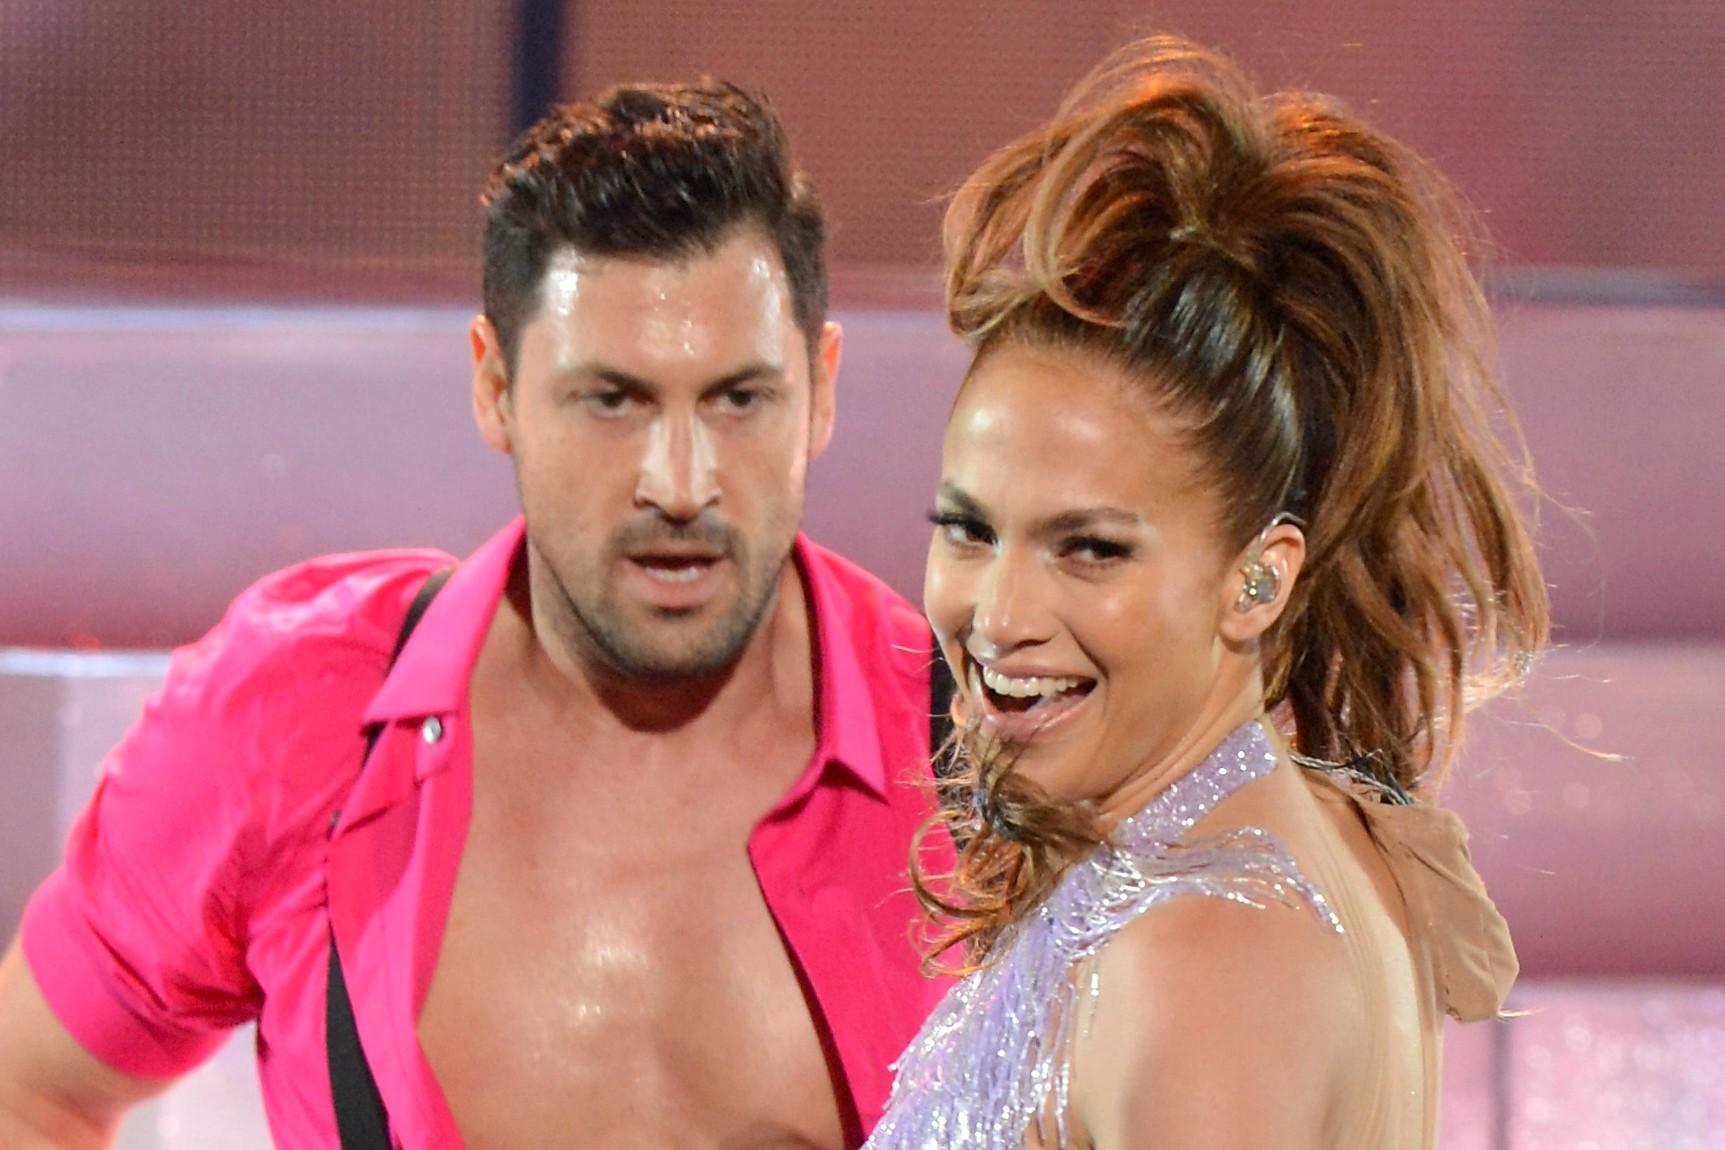 A Copa do Mundo deu sorte para Jennifer Lopez. Mal terminou o namoro com um de seus dançarinos, Casper Smart, a cantora de 44 anos emendou um novo relacionamento, desta vez com o coreógrafo ucraniano Maksim Chmerkovskiy (foto), de 34. (Foto: Getty Images)